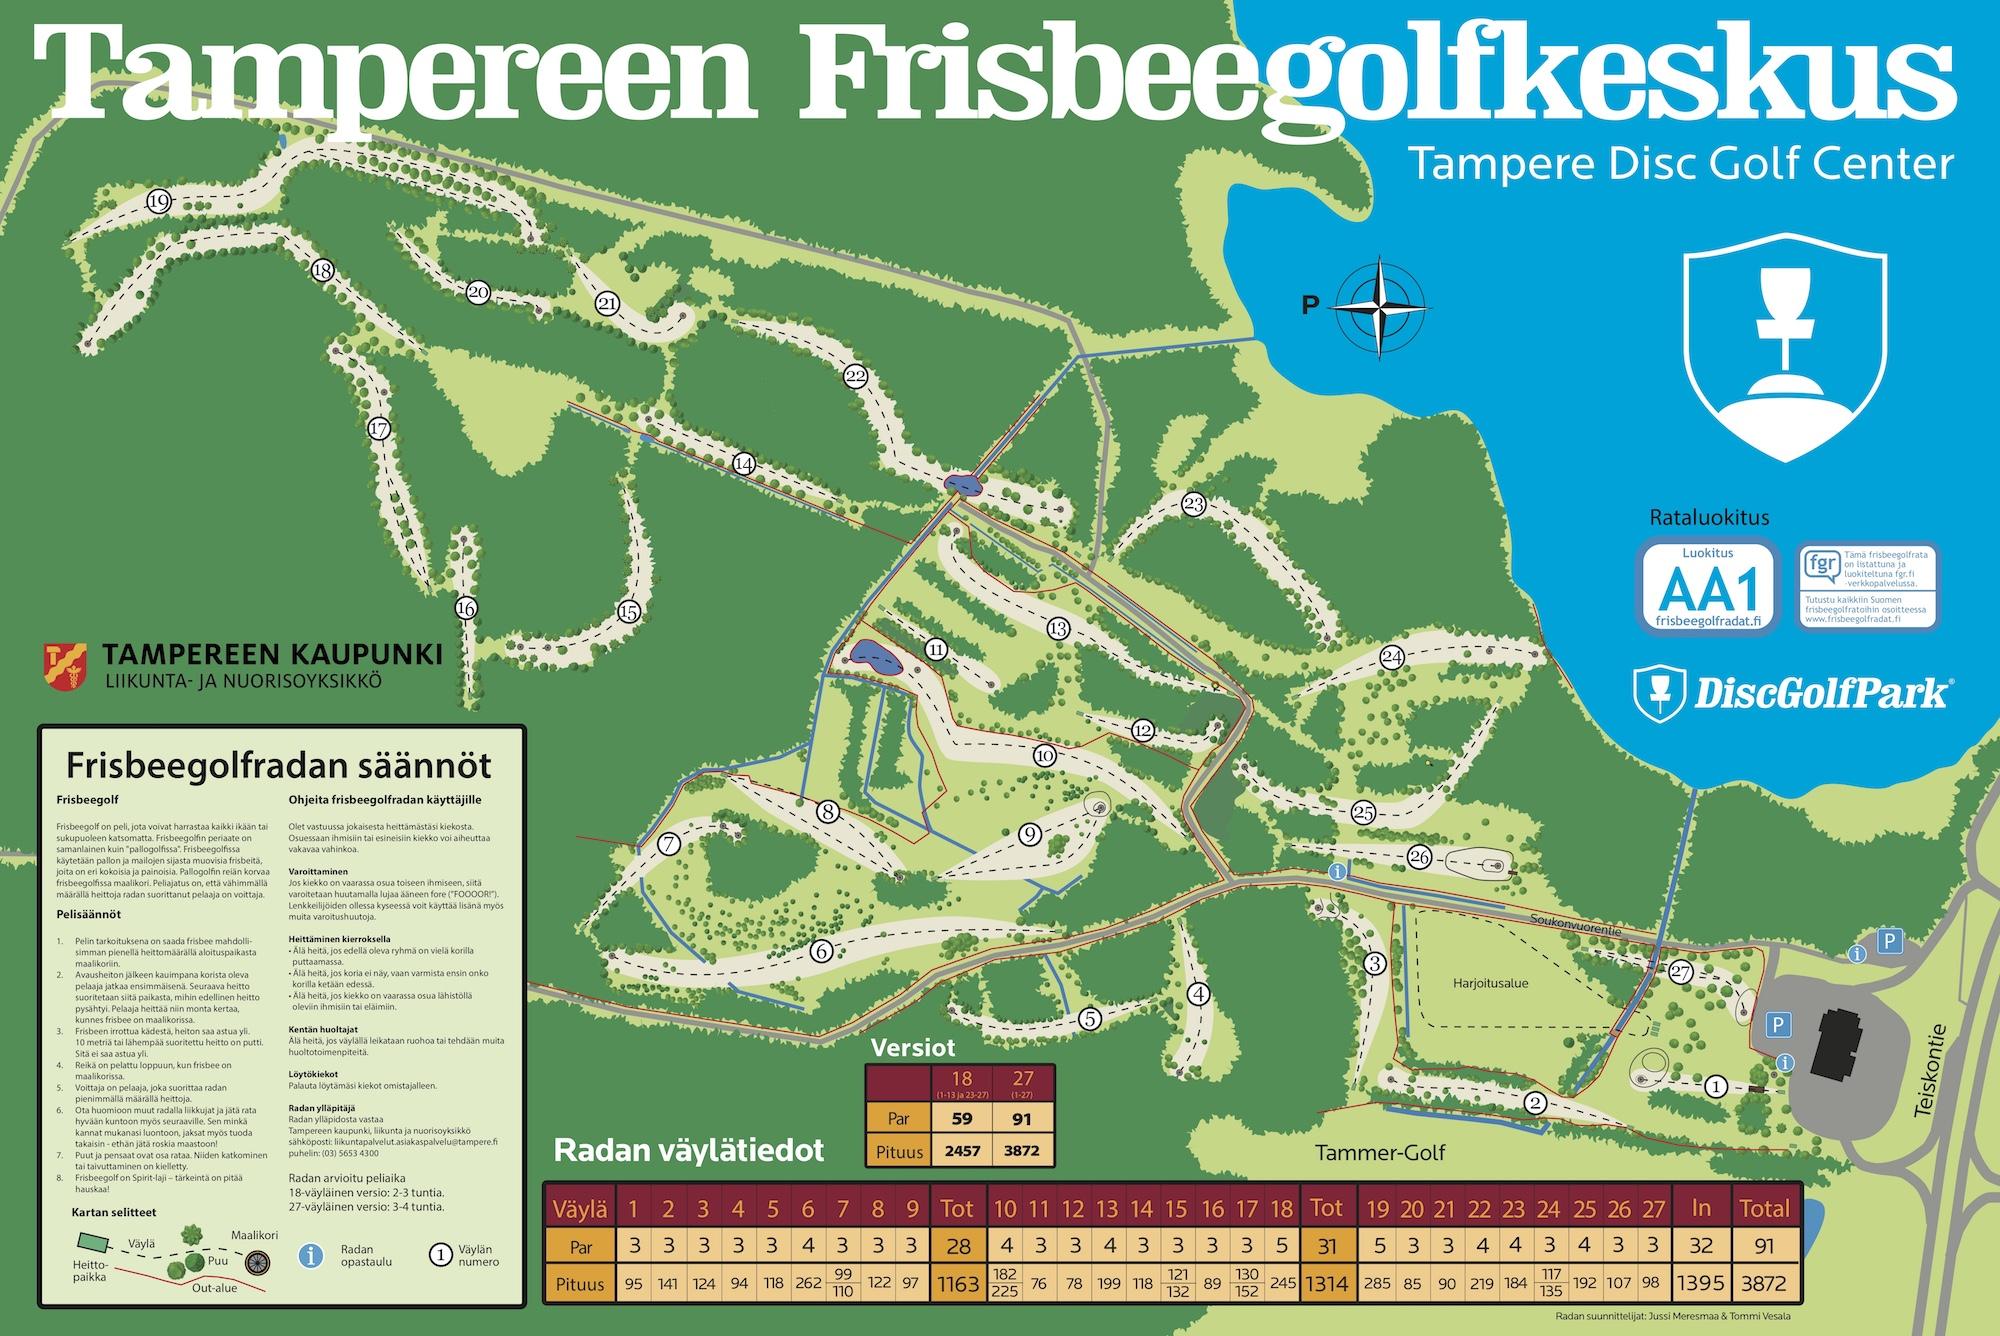 Tampereen Frisbeegolfkeskus